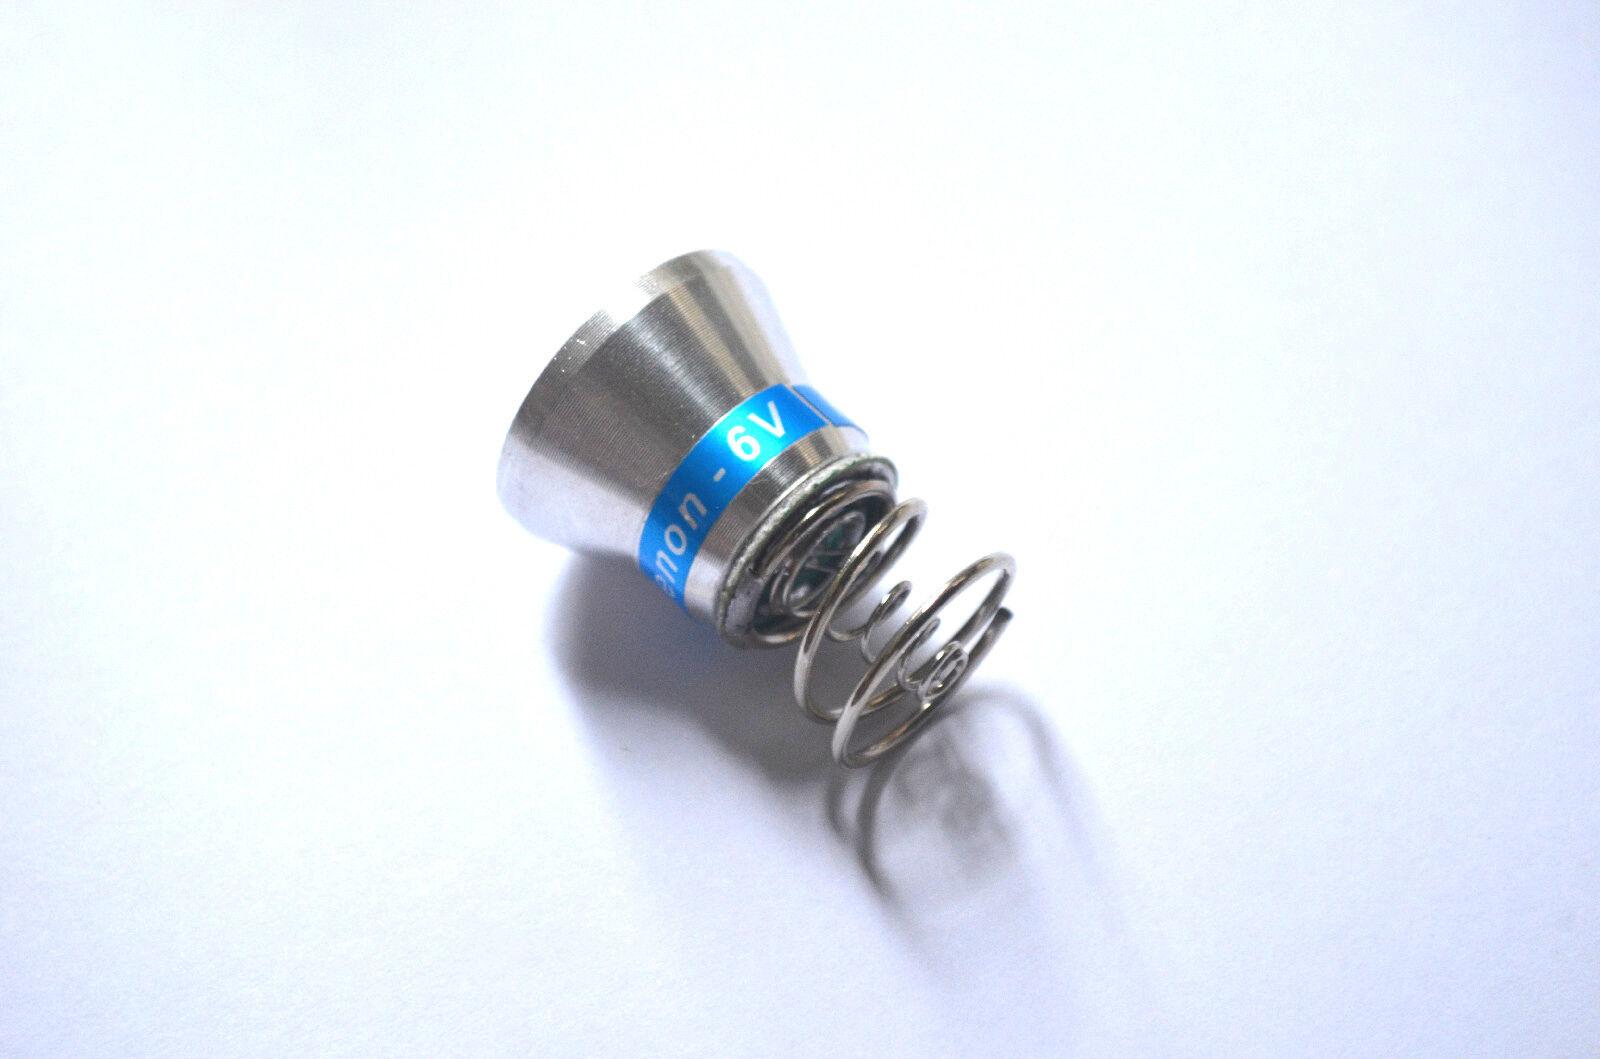 50pcs 6V High Pressure Xenon Xenon Xenon Replacement Lamp Bulb for Ultrafire flashlight c432fd